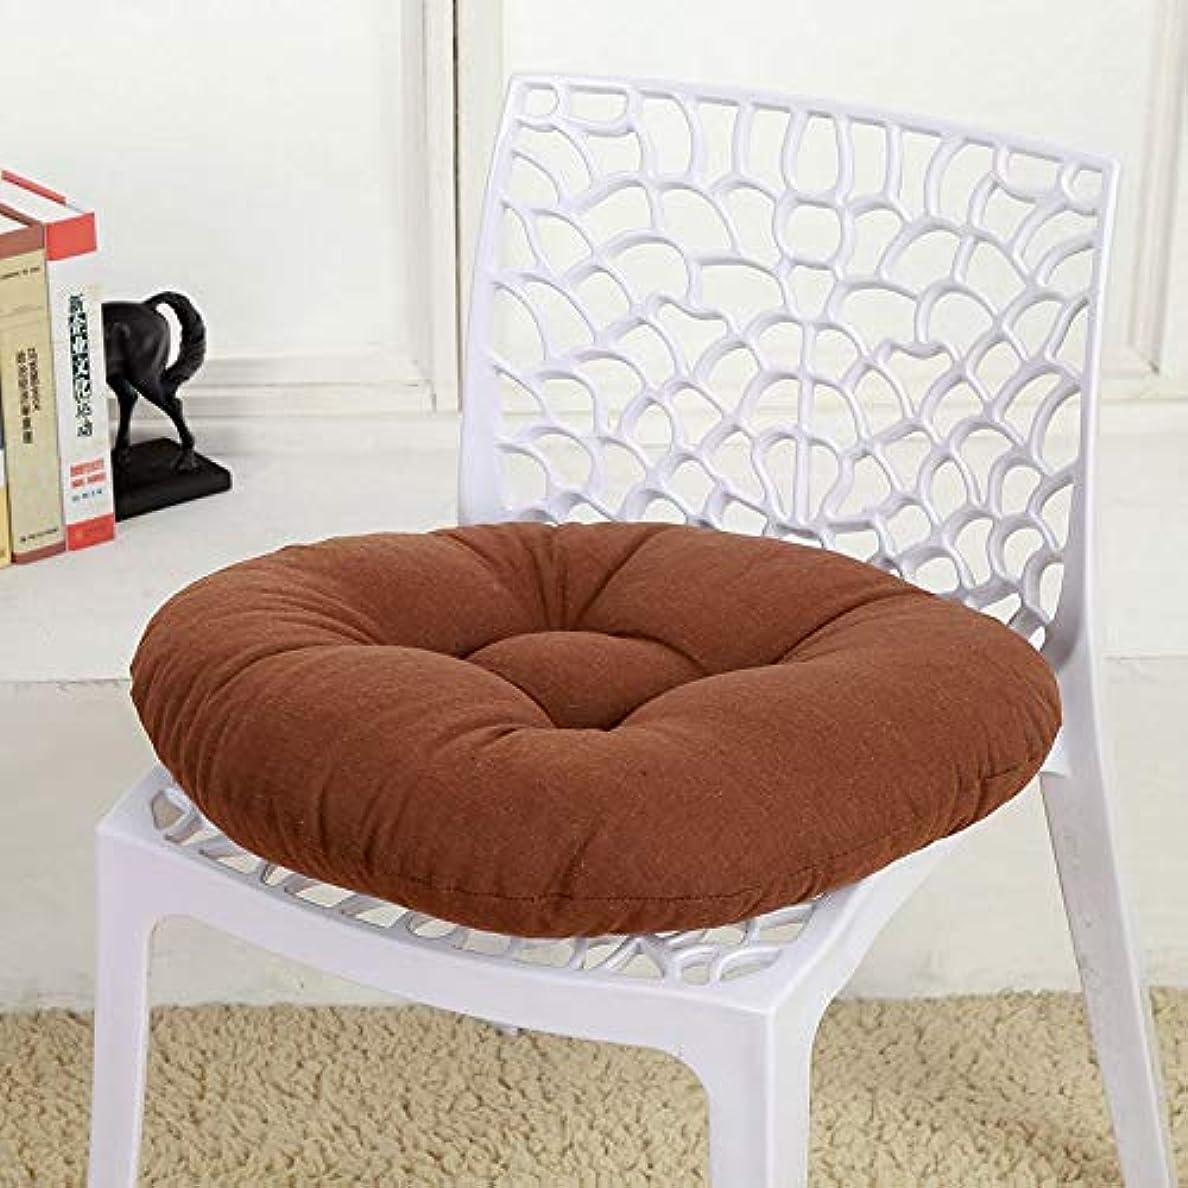 望みくつろぐモスLIFE キャンディカラーのクッションラウンドシートクッション波ウィンドウシートクッションクッション家の装飾パッドラウンド枕シート枕椅子座る枕 クッション 椅子